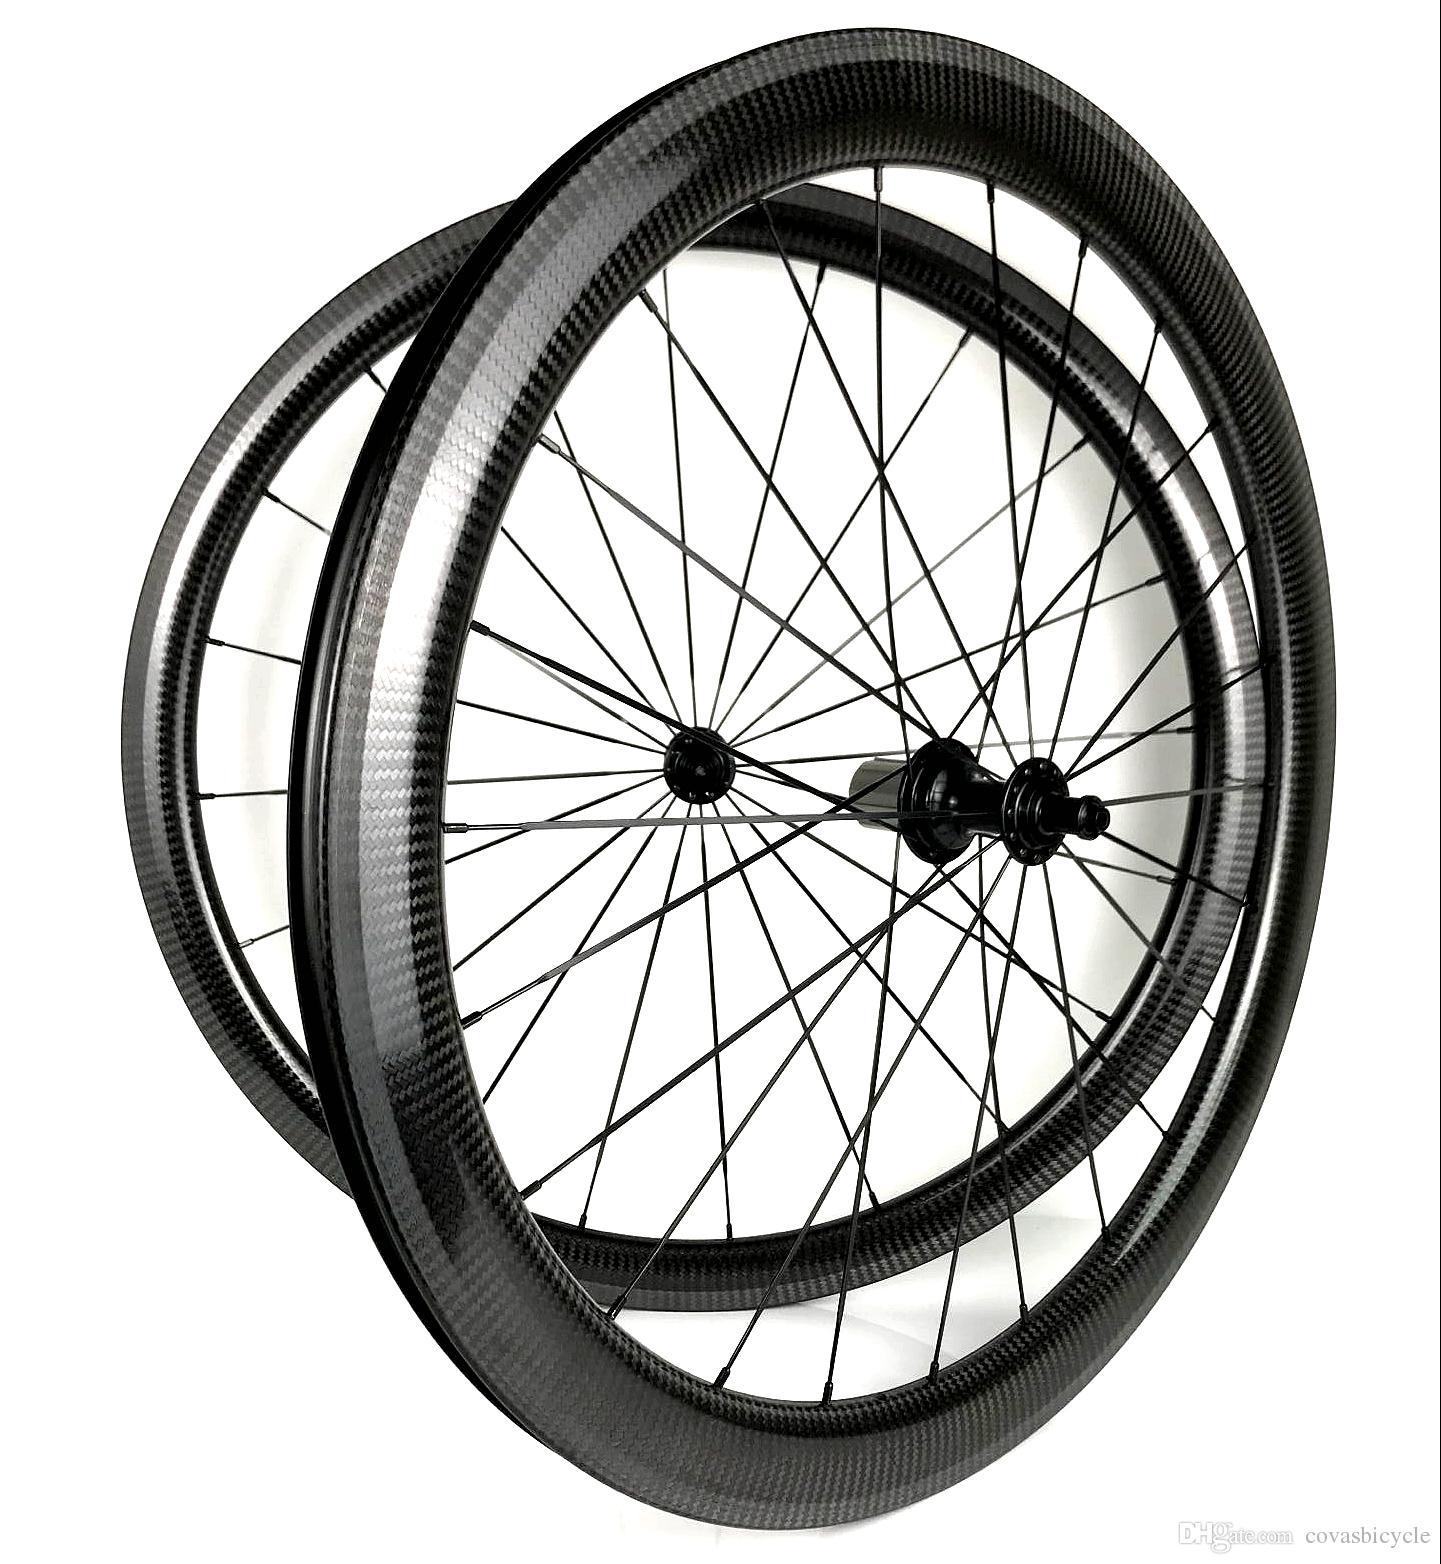 عجلات الكربون 700C الطريق 25 مم العرض Front-38mm العمق -50 مم الفاصلة / أنبوبي الطريق الدراجة الكربون العجلات مع محاور Powerway R13